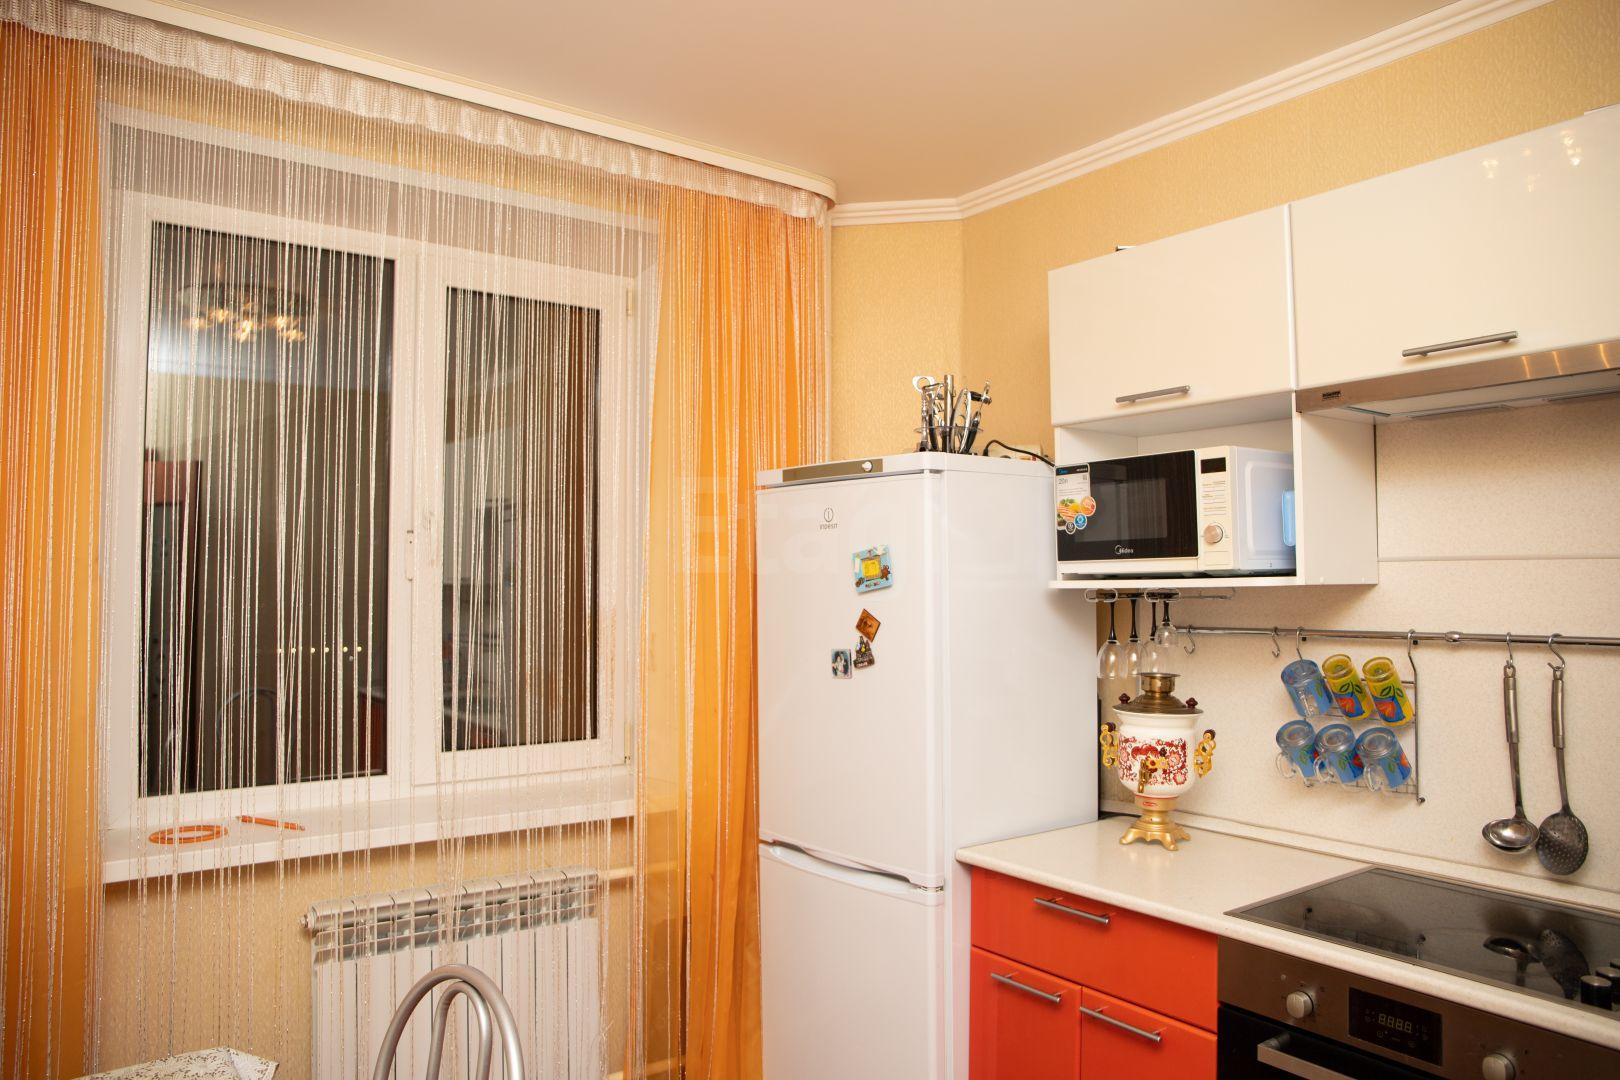 Продается трехкомнатная квартира за 2 700 000 рублей. 3 А мкр., ул. Рощинский пер (1.4 км до центра).